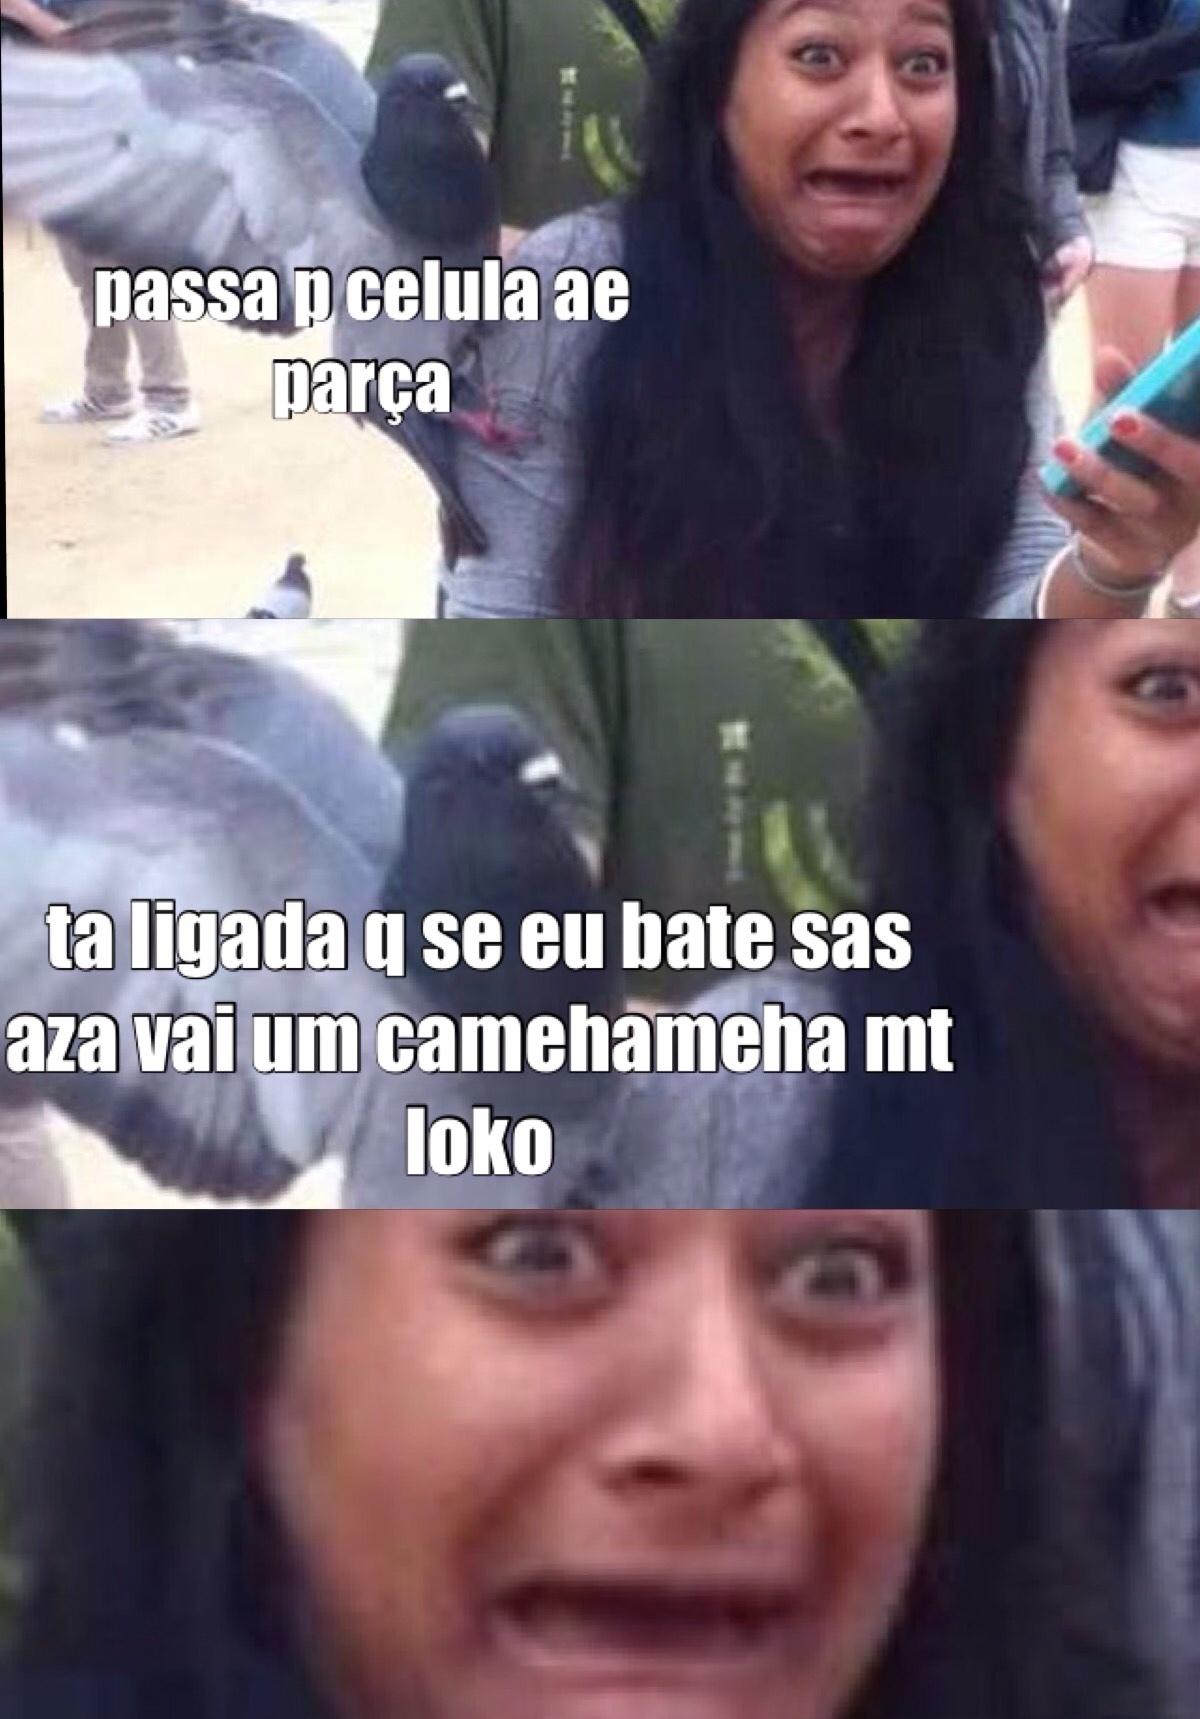 pombo ladrao - meme